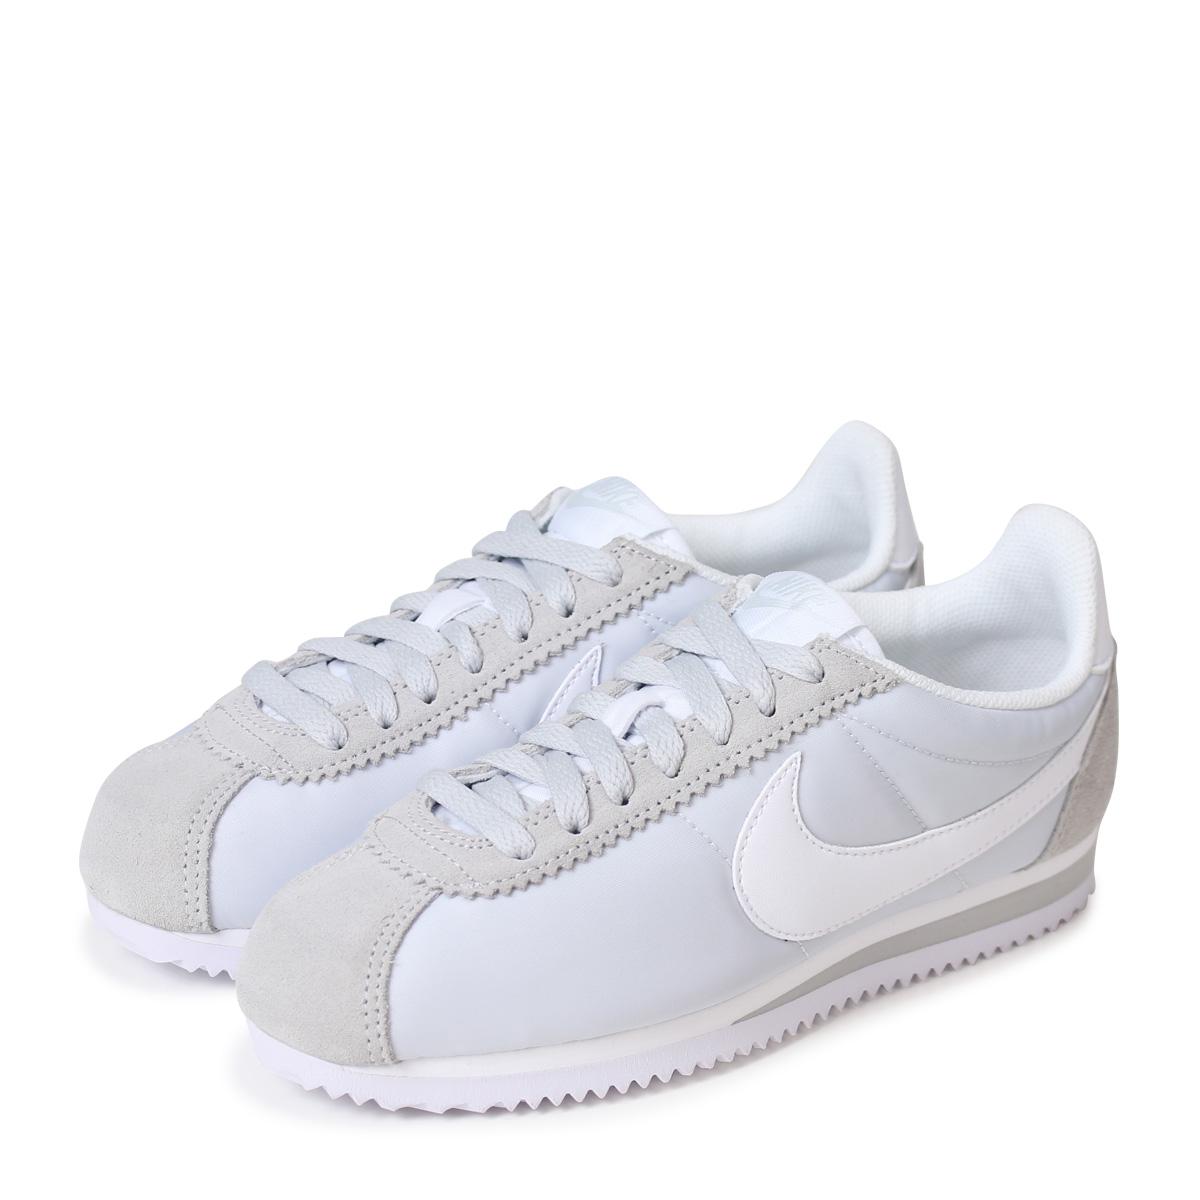 Nike NIKE コルテッツクラシックレディーススニーカー WMNS CLASSIC CORTEZ NYLON 749,864 010 white white [195]